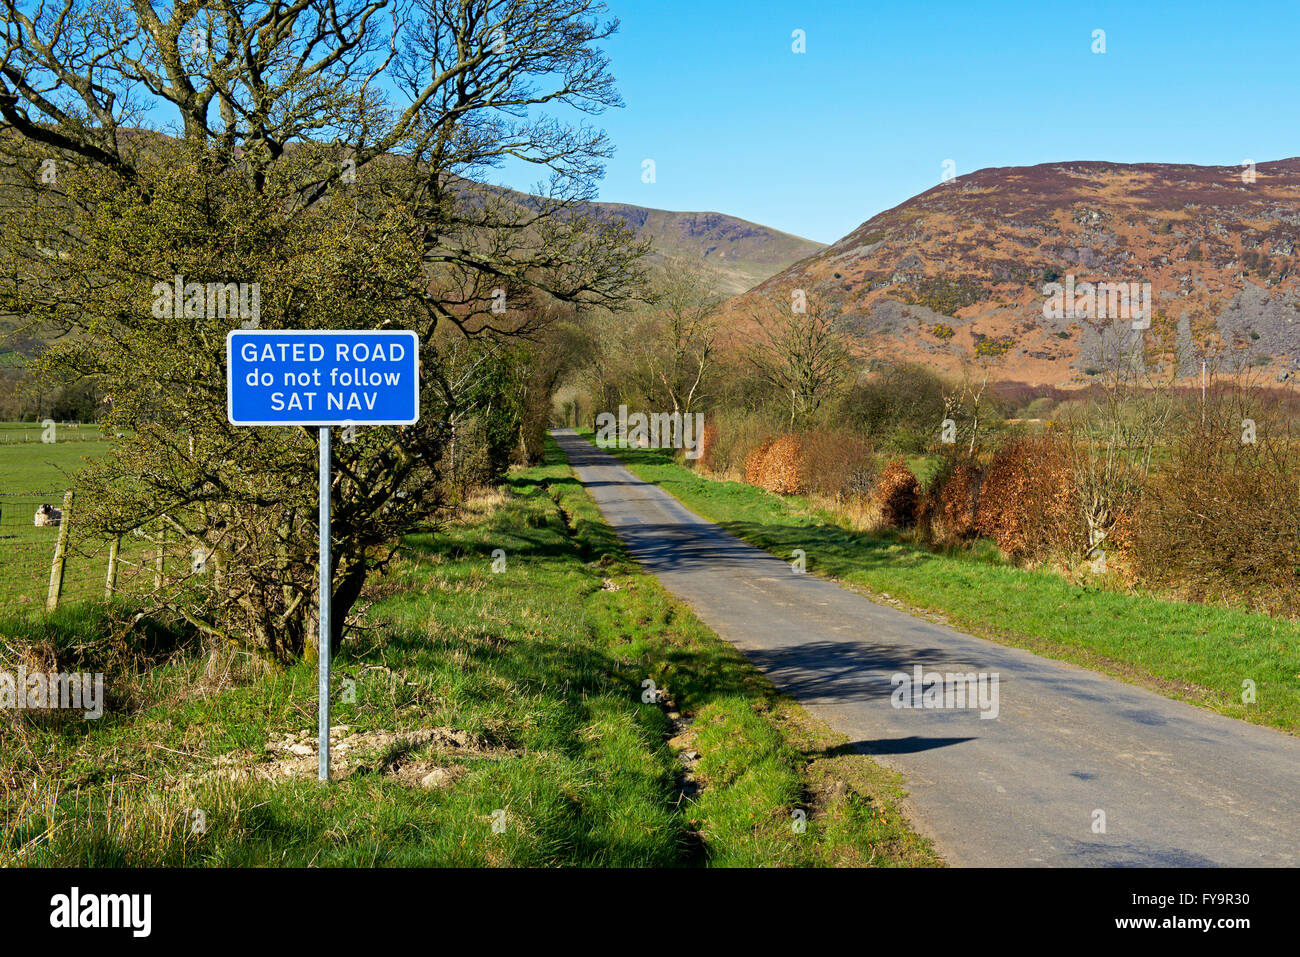 Sign: Gated road, do not follow satnav, Cumbria, England UK - Stock Image